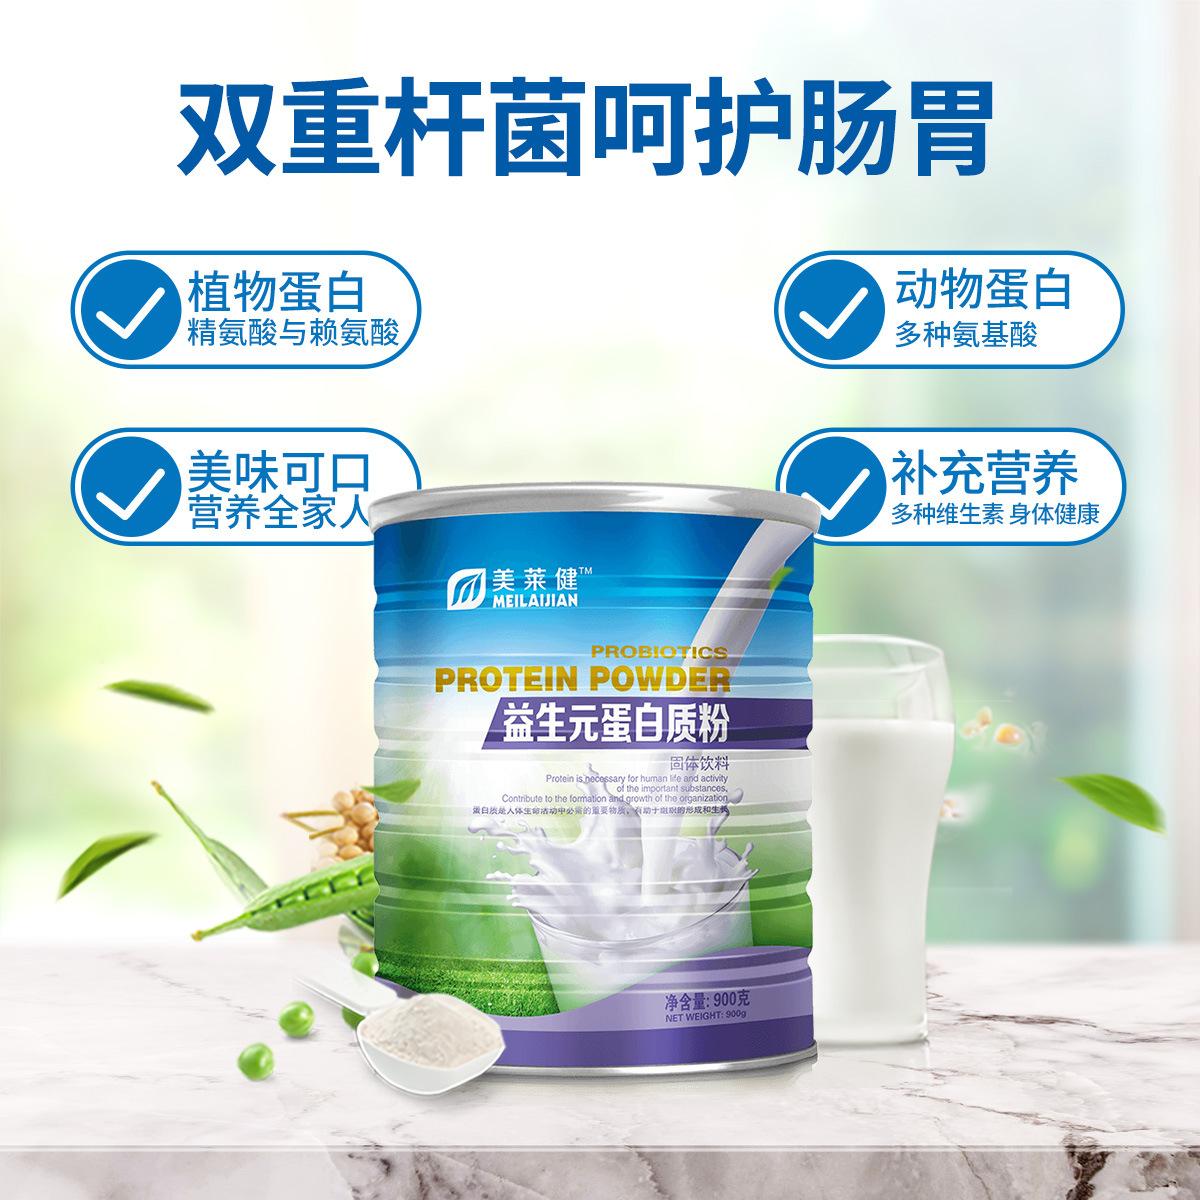 美莱健益生元蛋白质粉营养粉成人肠胃肠道儿童婴幼儿900g